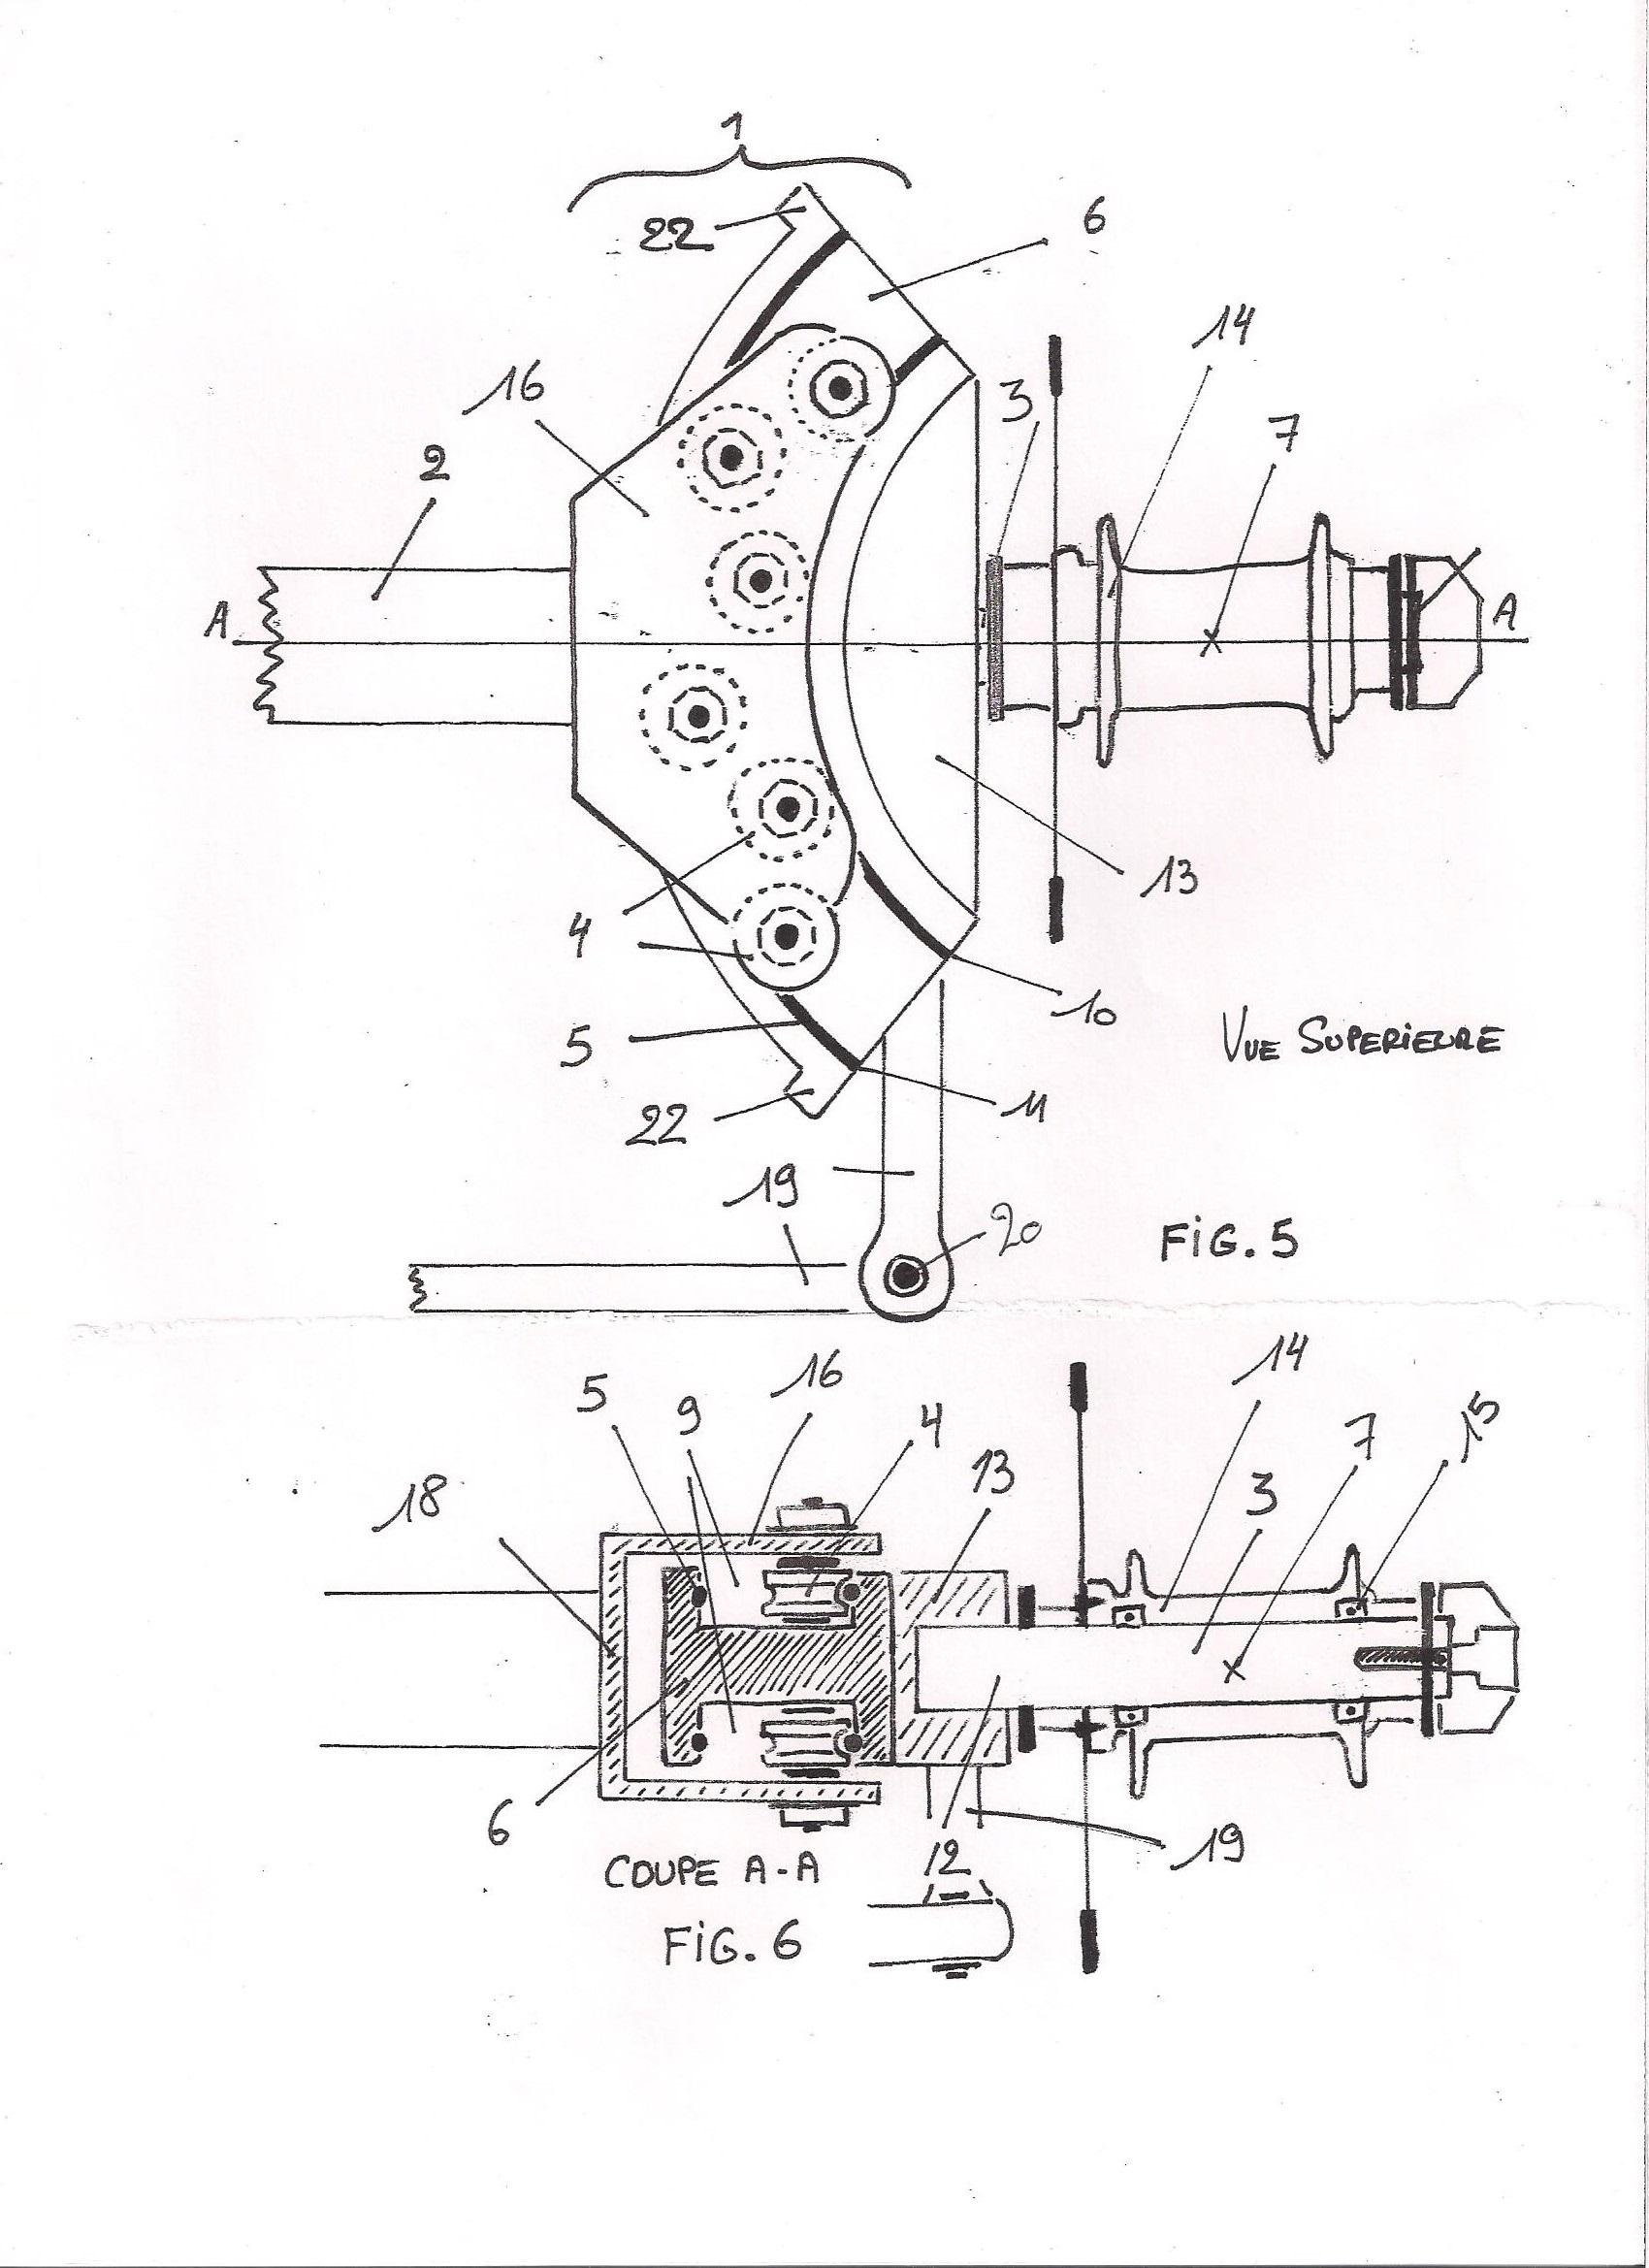 Brevet d'invention : Pivot Virtuel à Guidage linéaire curviligne